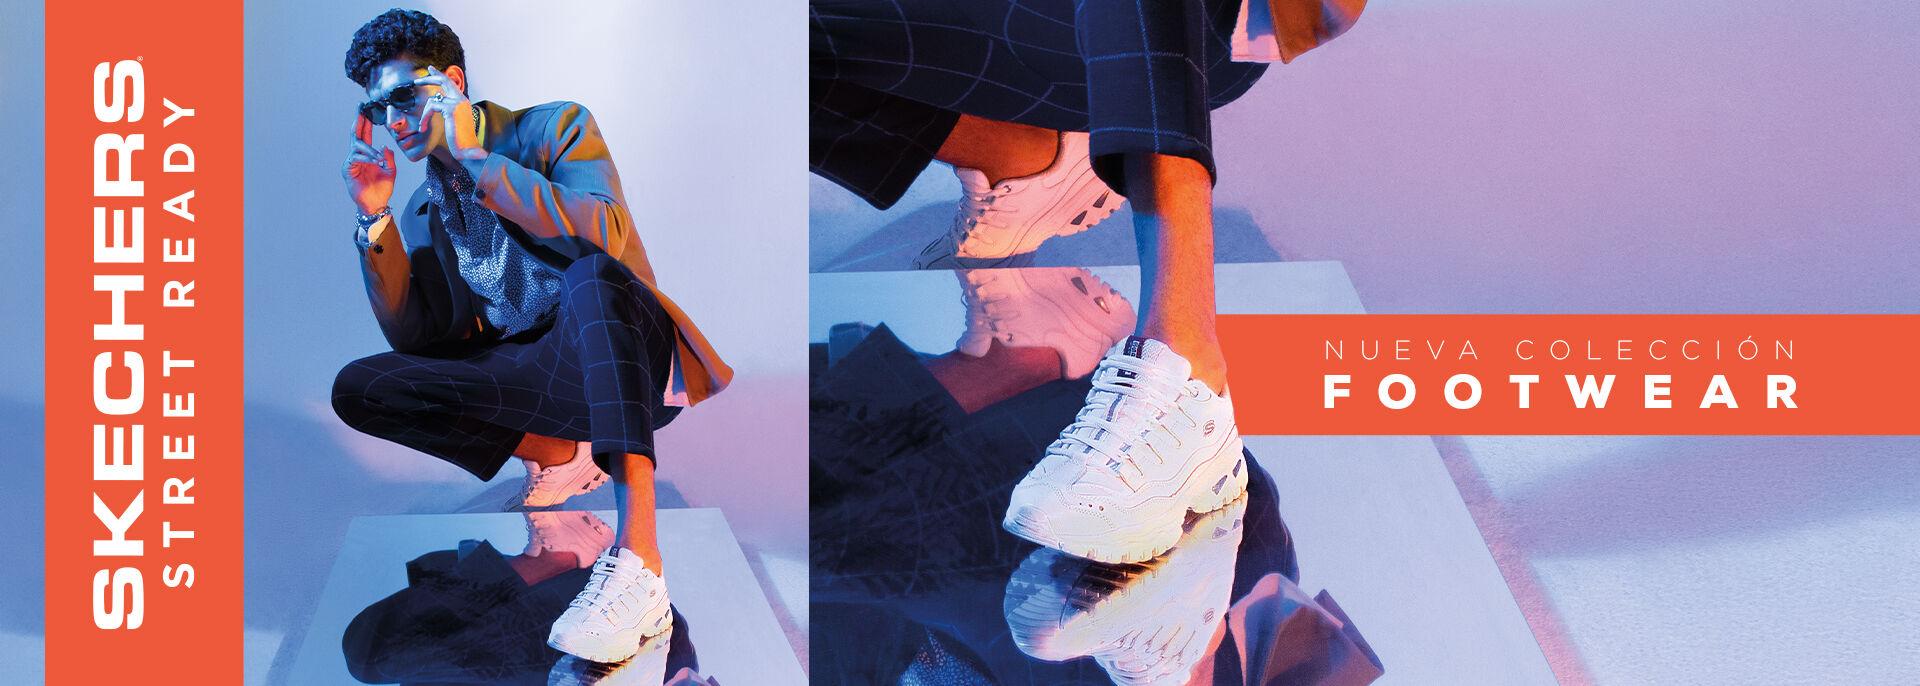 nueva coleccion calzado skechers_1920x686.jpg